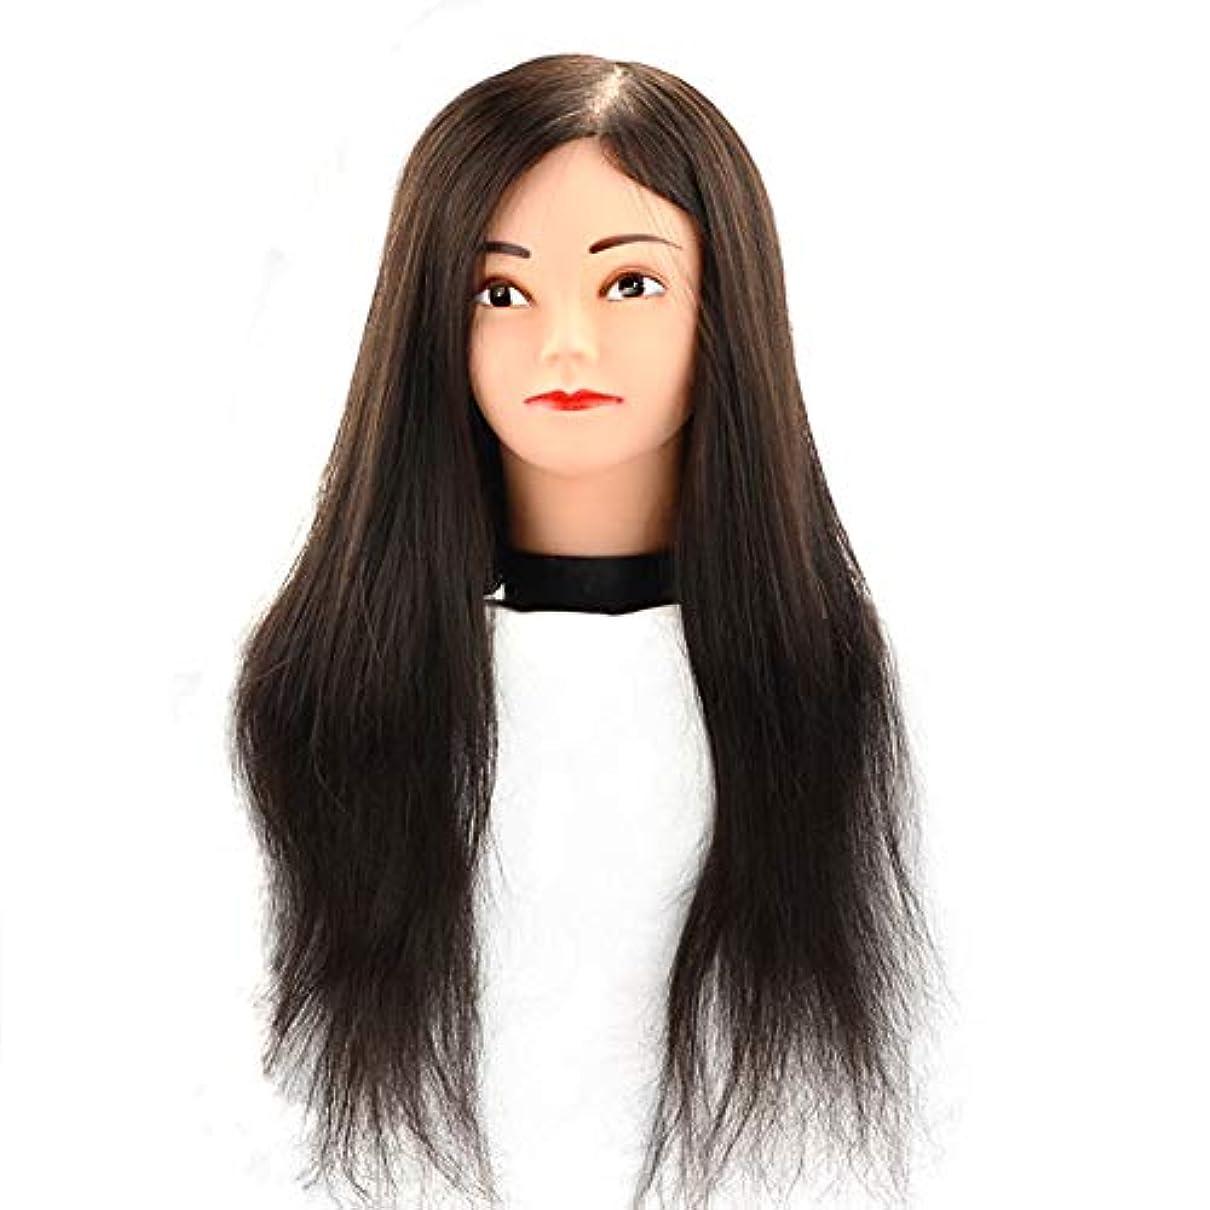 半島立証する雄弁な理髪店パーマ染め髪ダミー練習ヘッド花嫁ディスク髪編組学習ヘッドモデルヘアマネキンヘッド